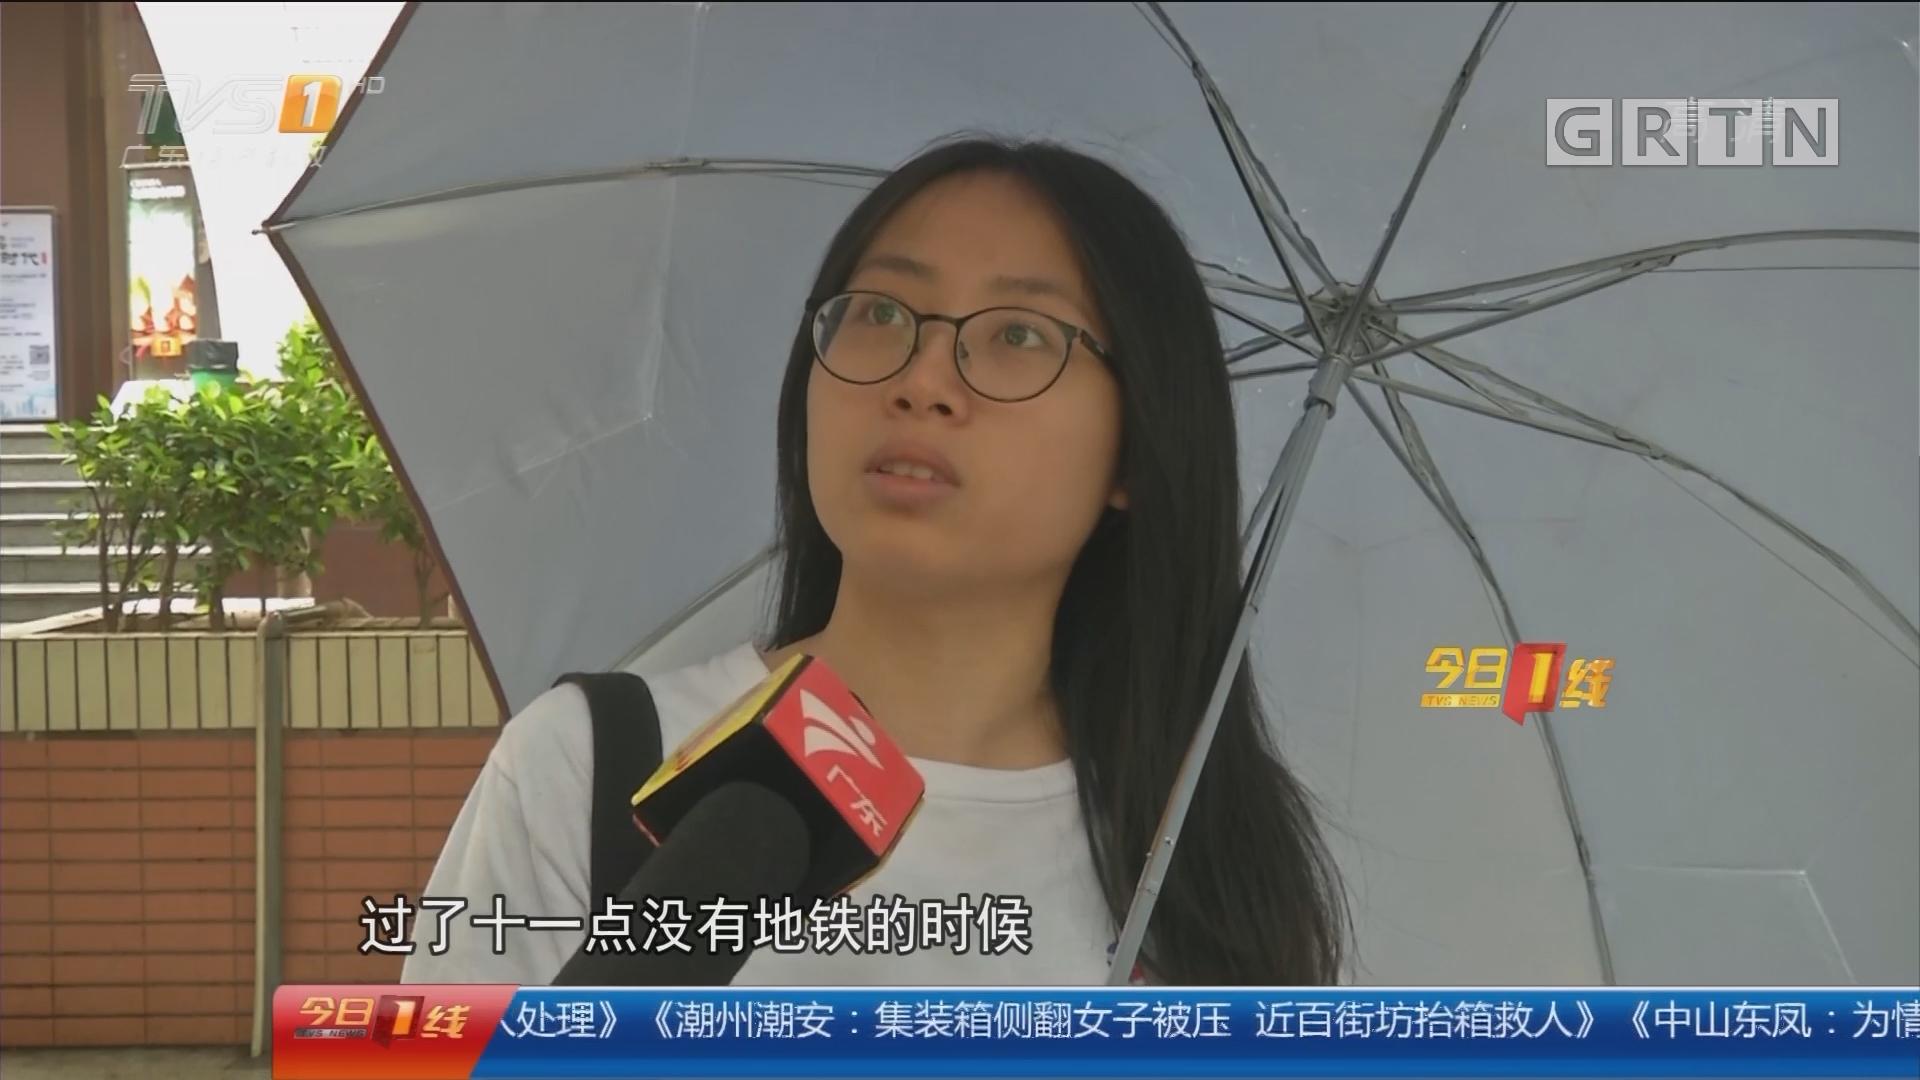 广州的士营运乱象调查:重拳整治 出租车拒载议价仍常见